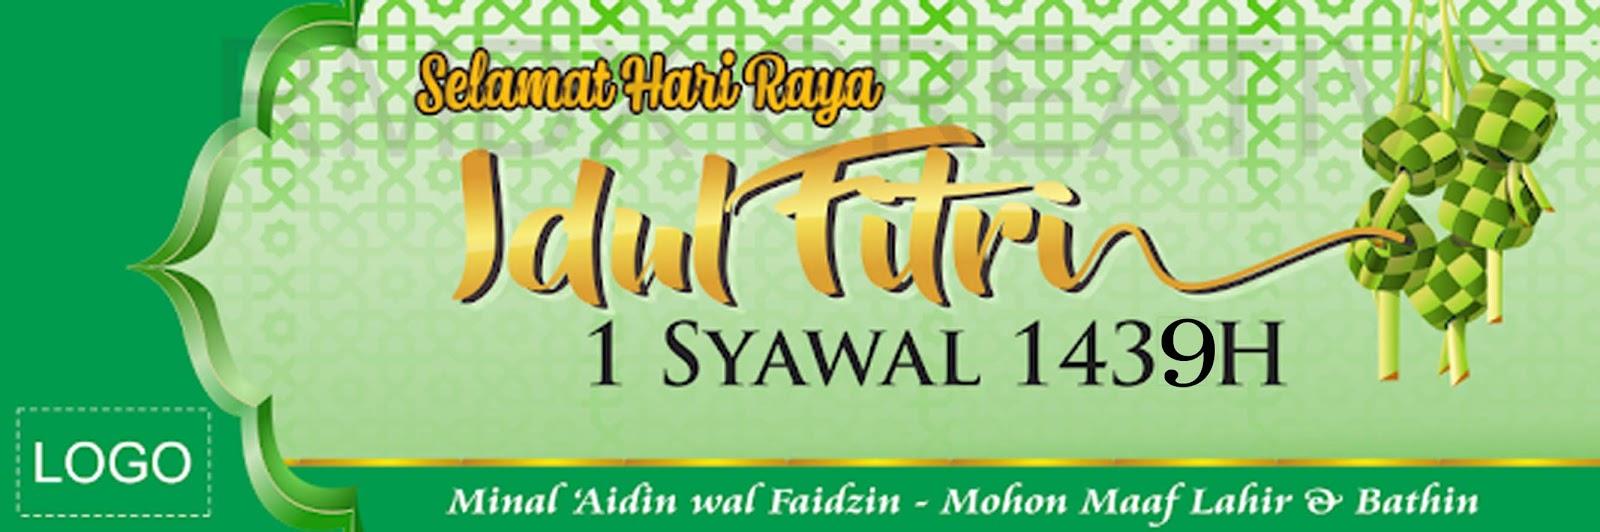 Banner Background Dan Ucapan Selamat Idul Fitri 1439 H 2018 Free